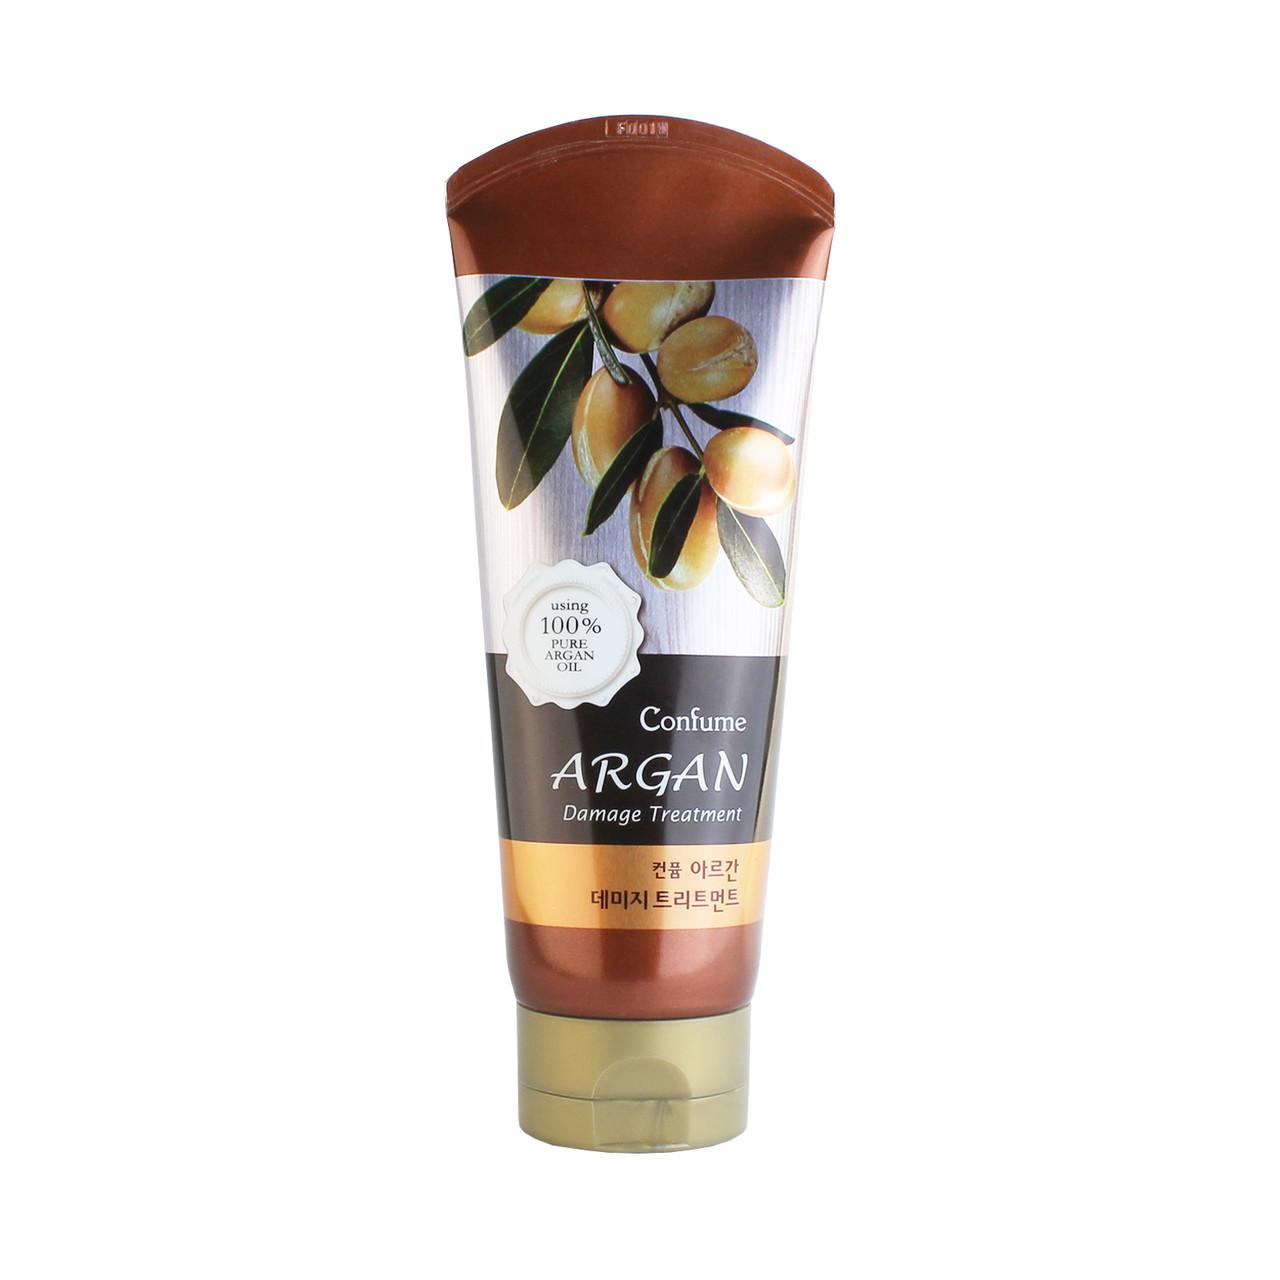 Welcos Маска для поврежденных волос на основе арганового масла Confume Argan Damage Treatment / 200 мл.